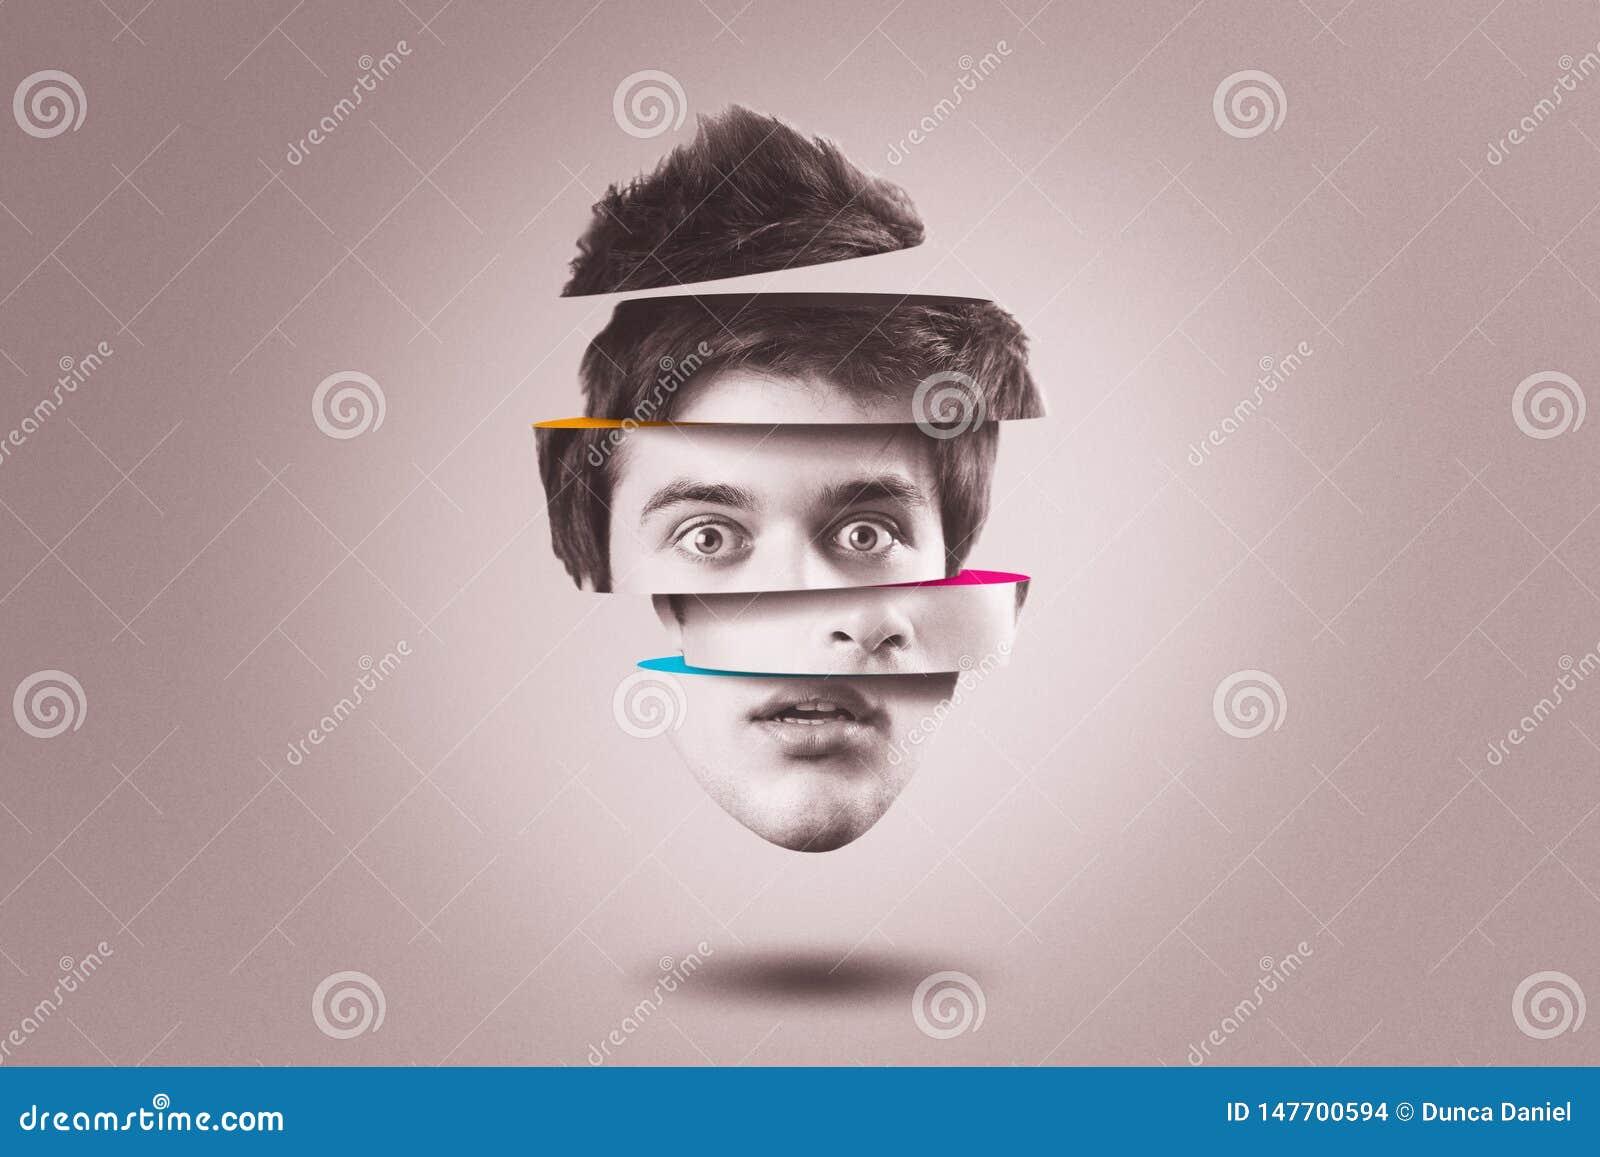 Personlighetsklyvningbegrepp Isolerat utklipphuvud av personen med mental hälsaoordning